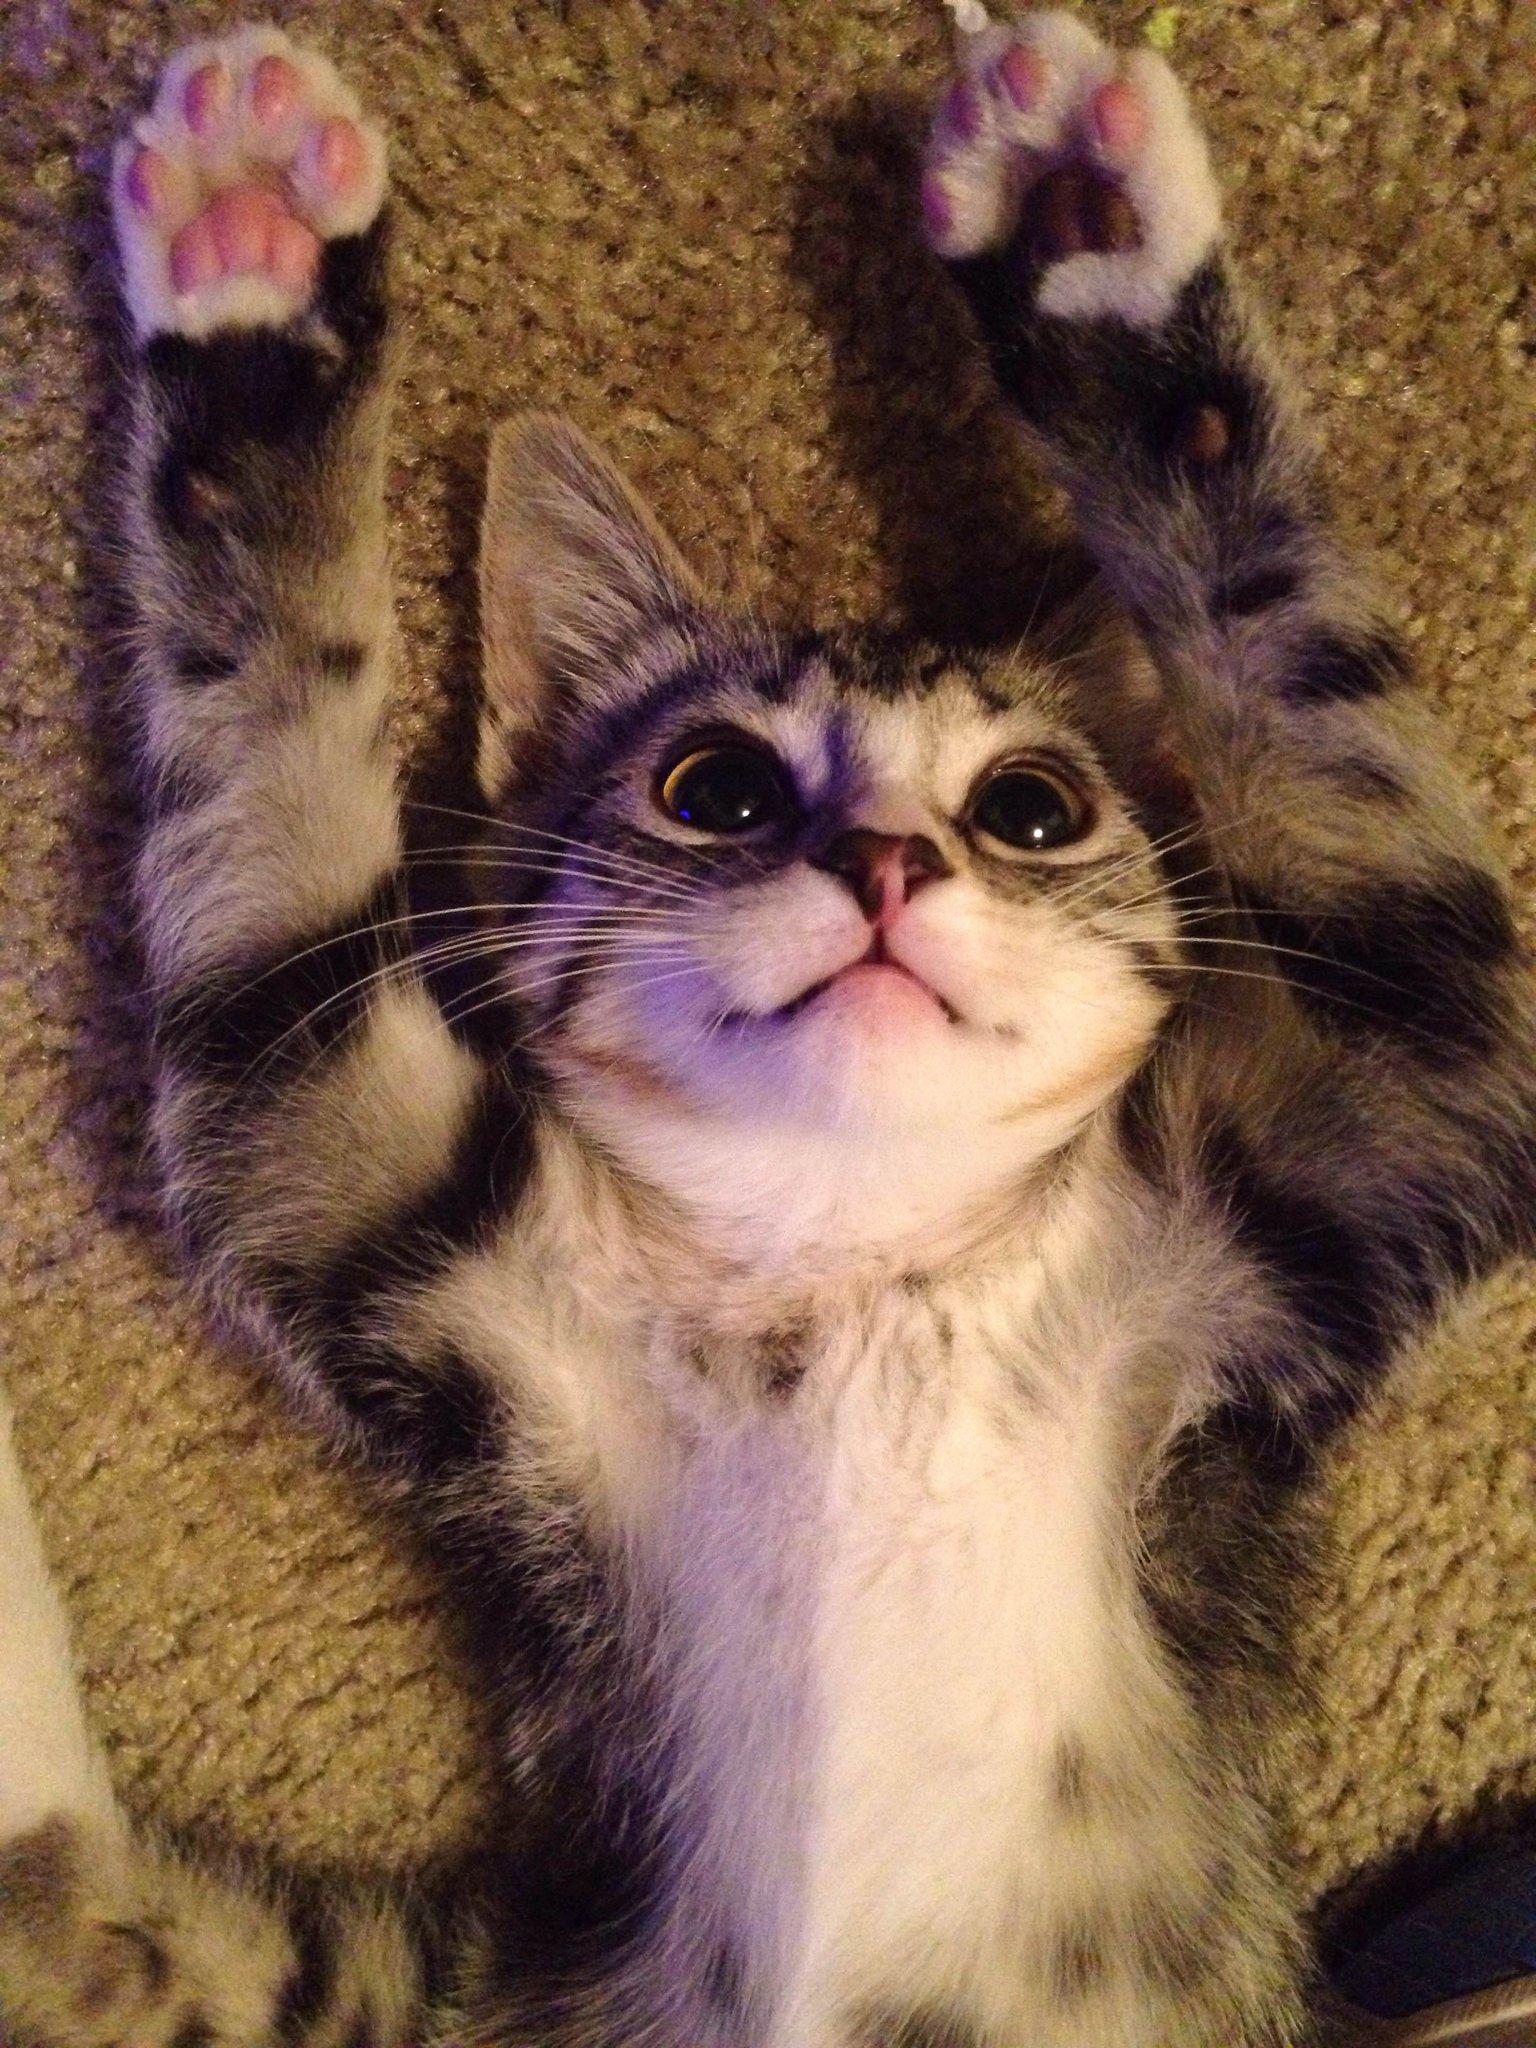 Derp cat http://t.co/JJr4ghETXt